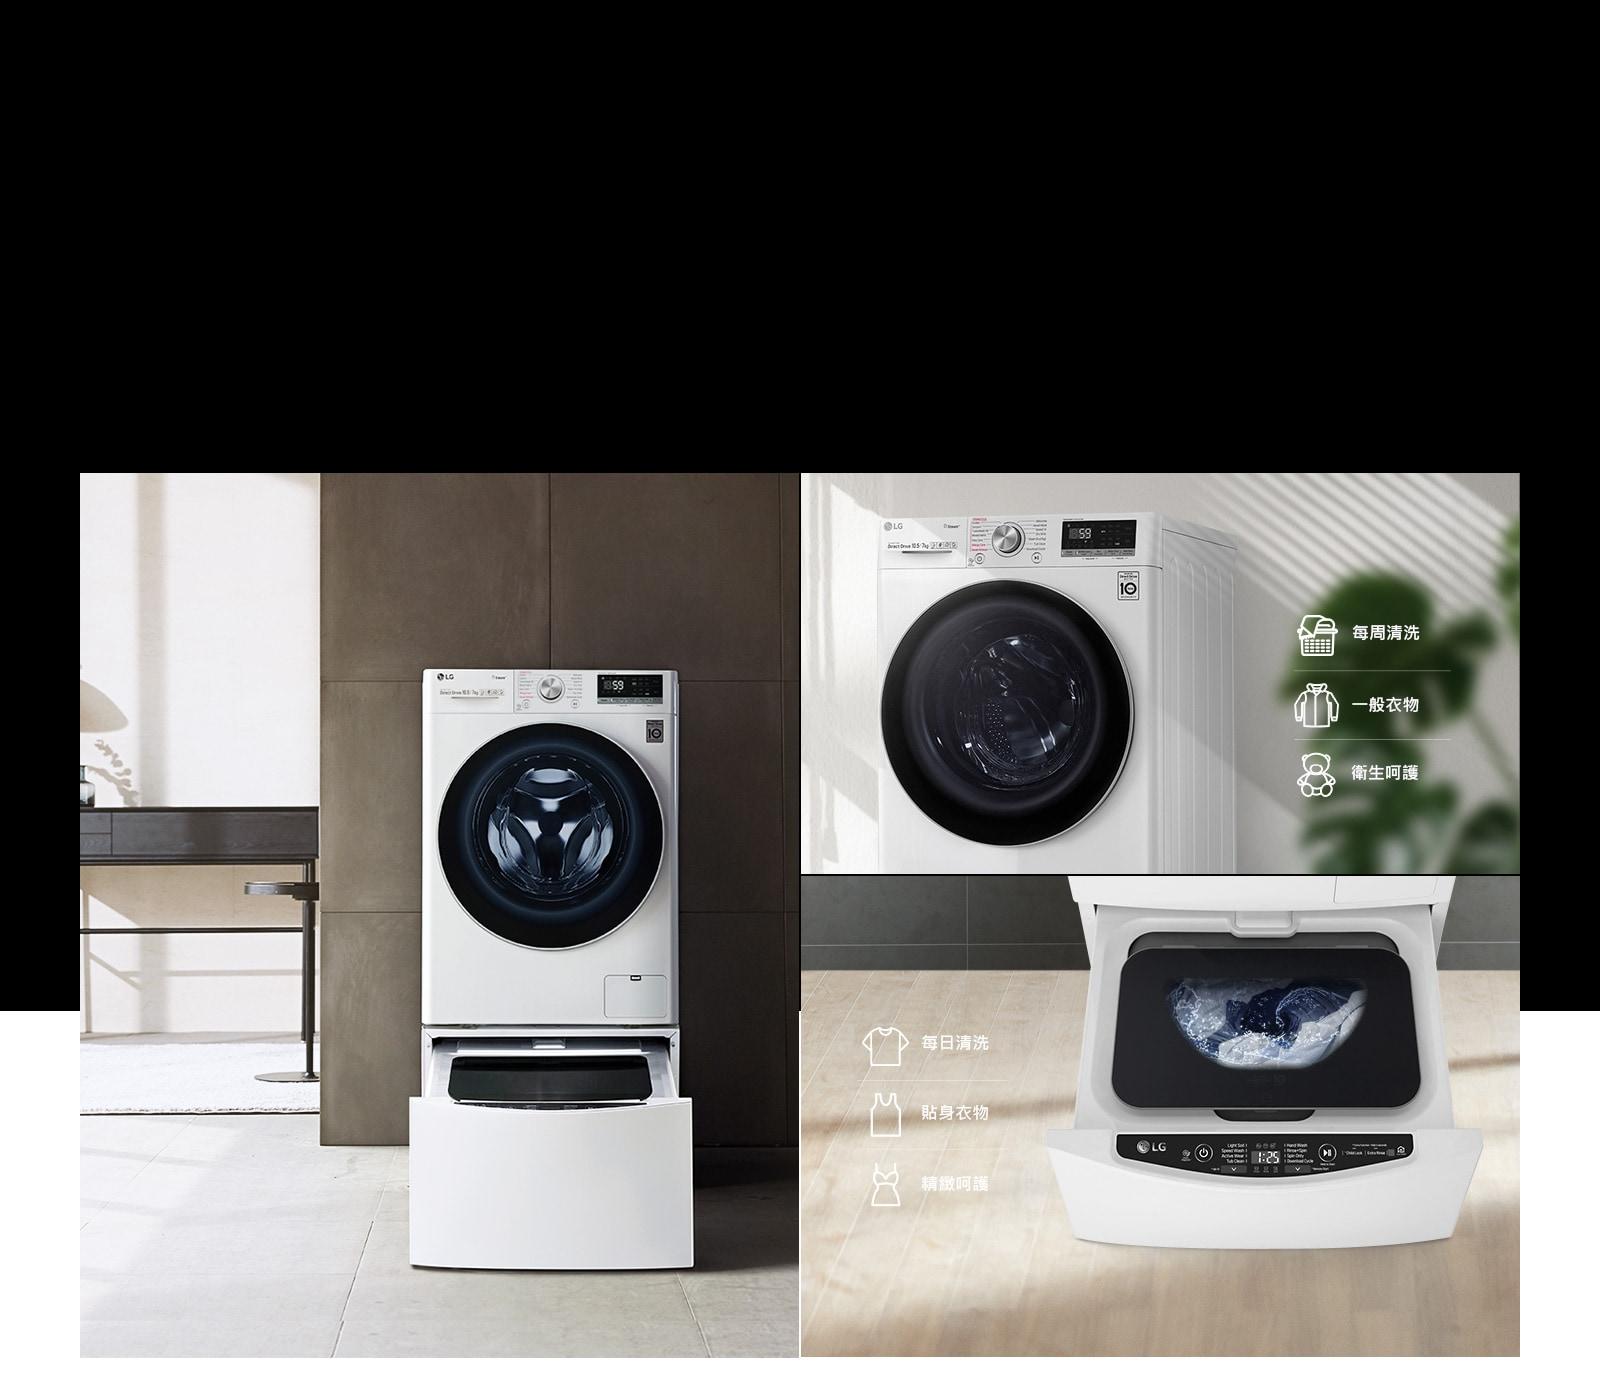 WD-Vivace-V700-VC3-White-12-1-Compatibility-Desktop